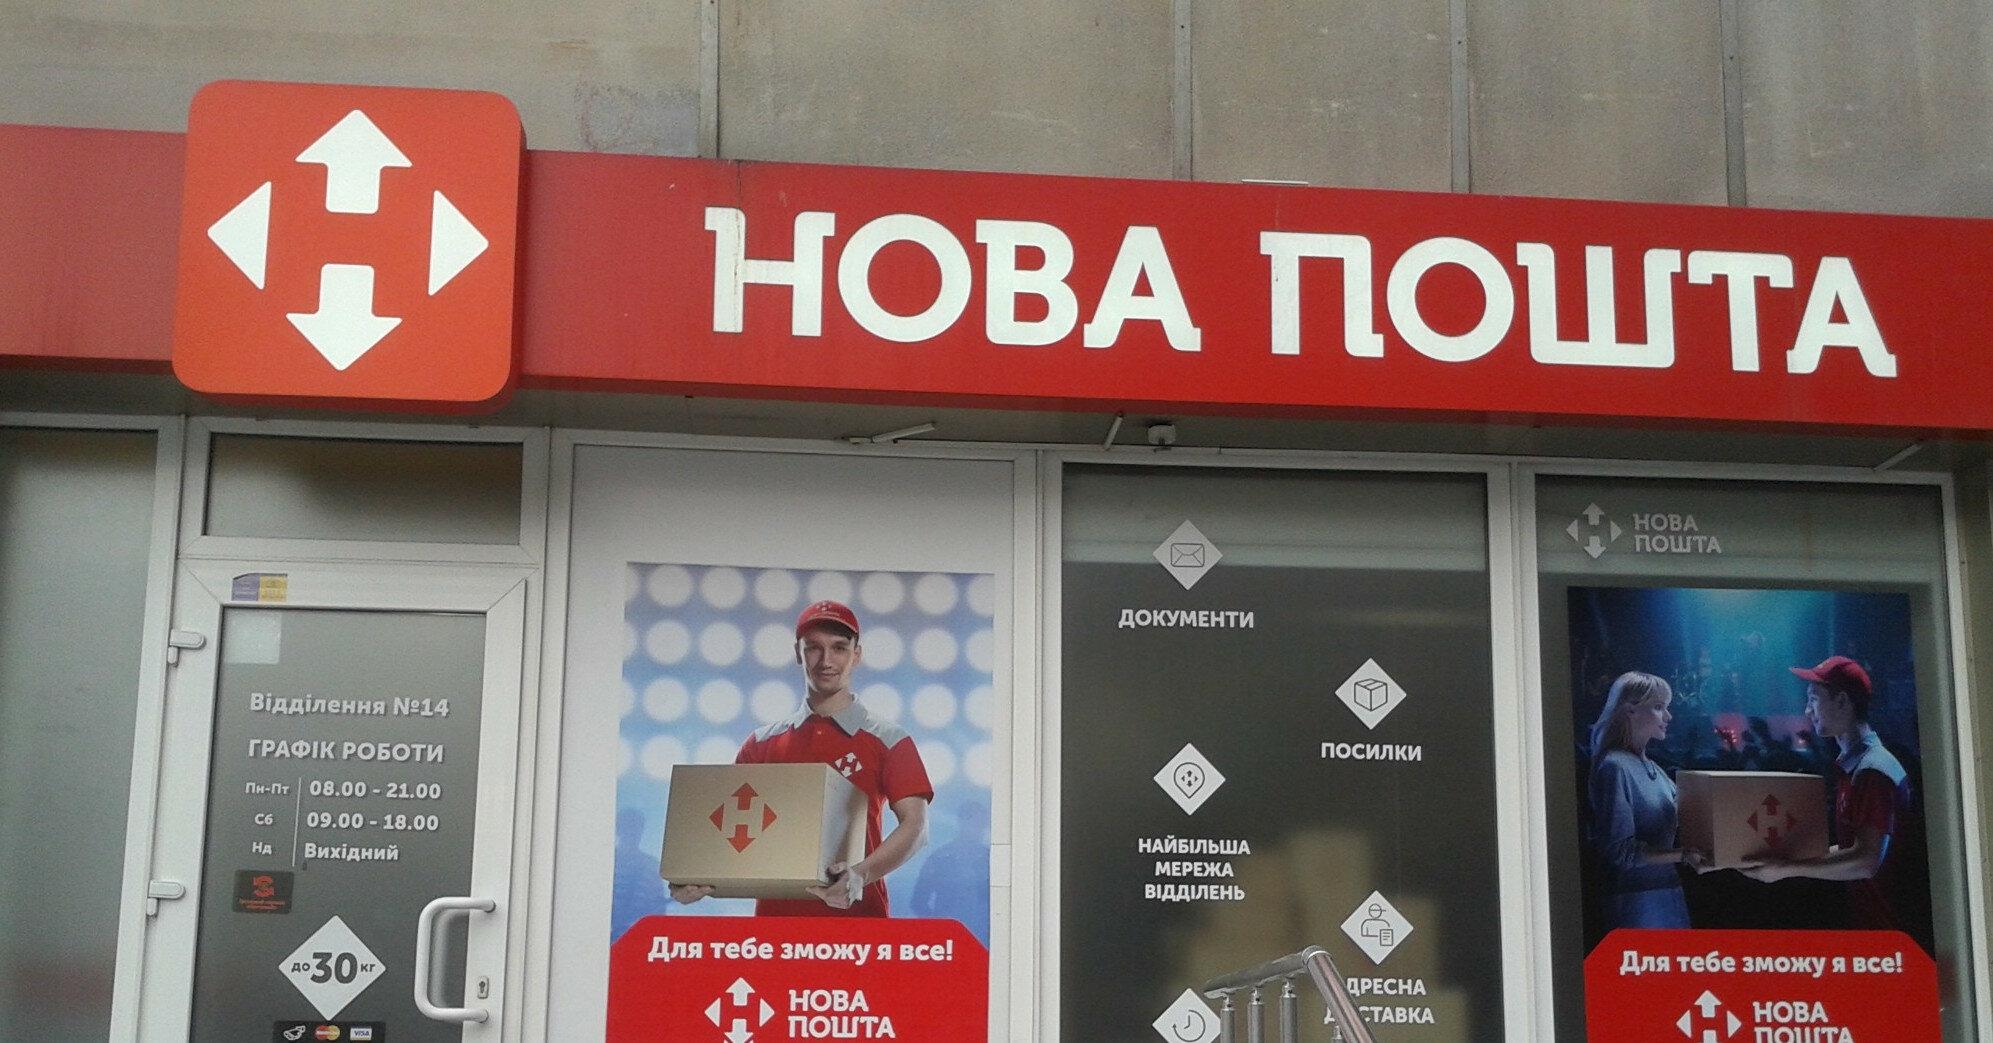 Новая почта будет доставлять товары из онлайн-магазинов Турции